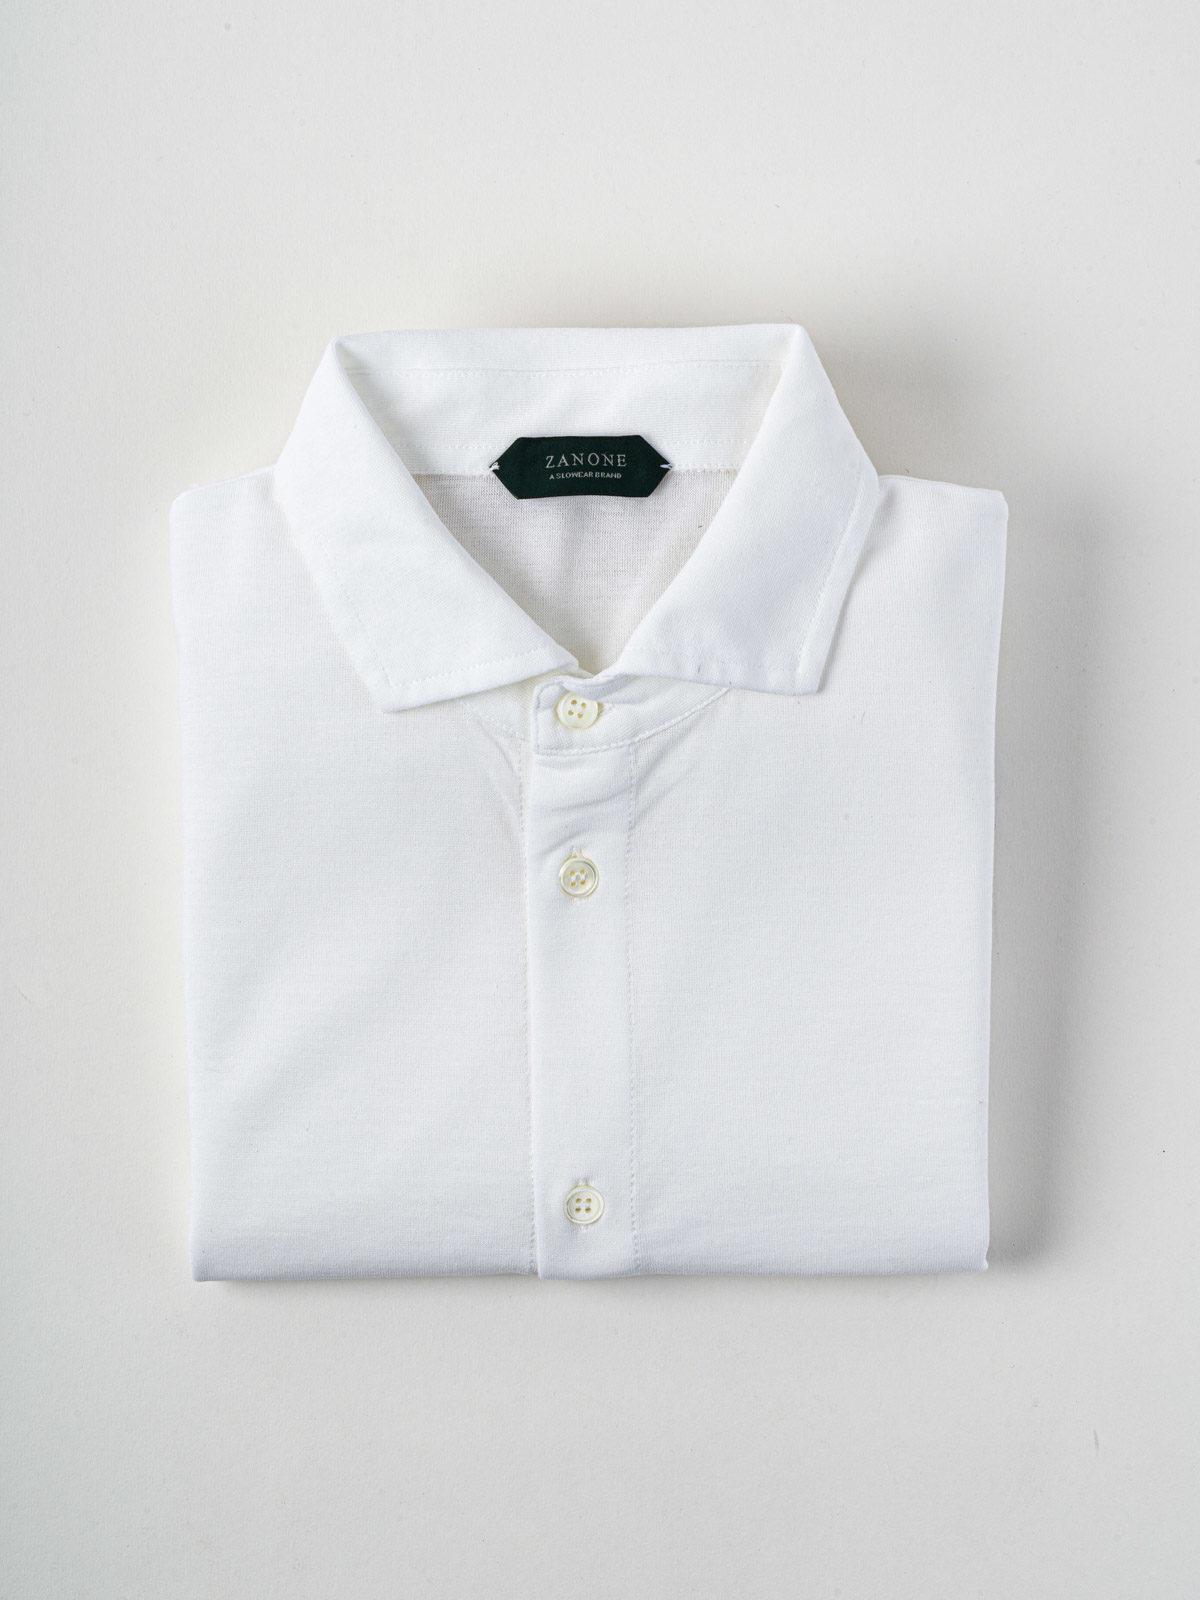 camicia zanone ice-cotton bianco